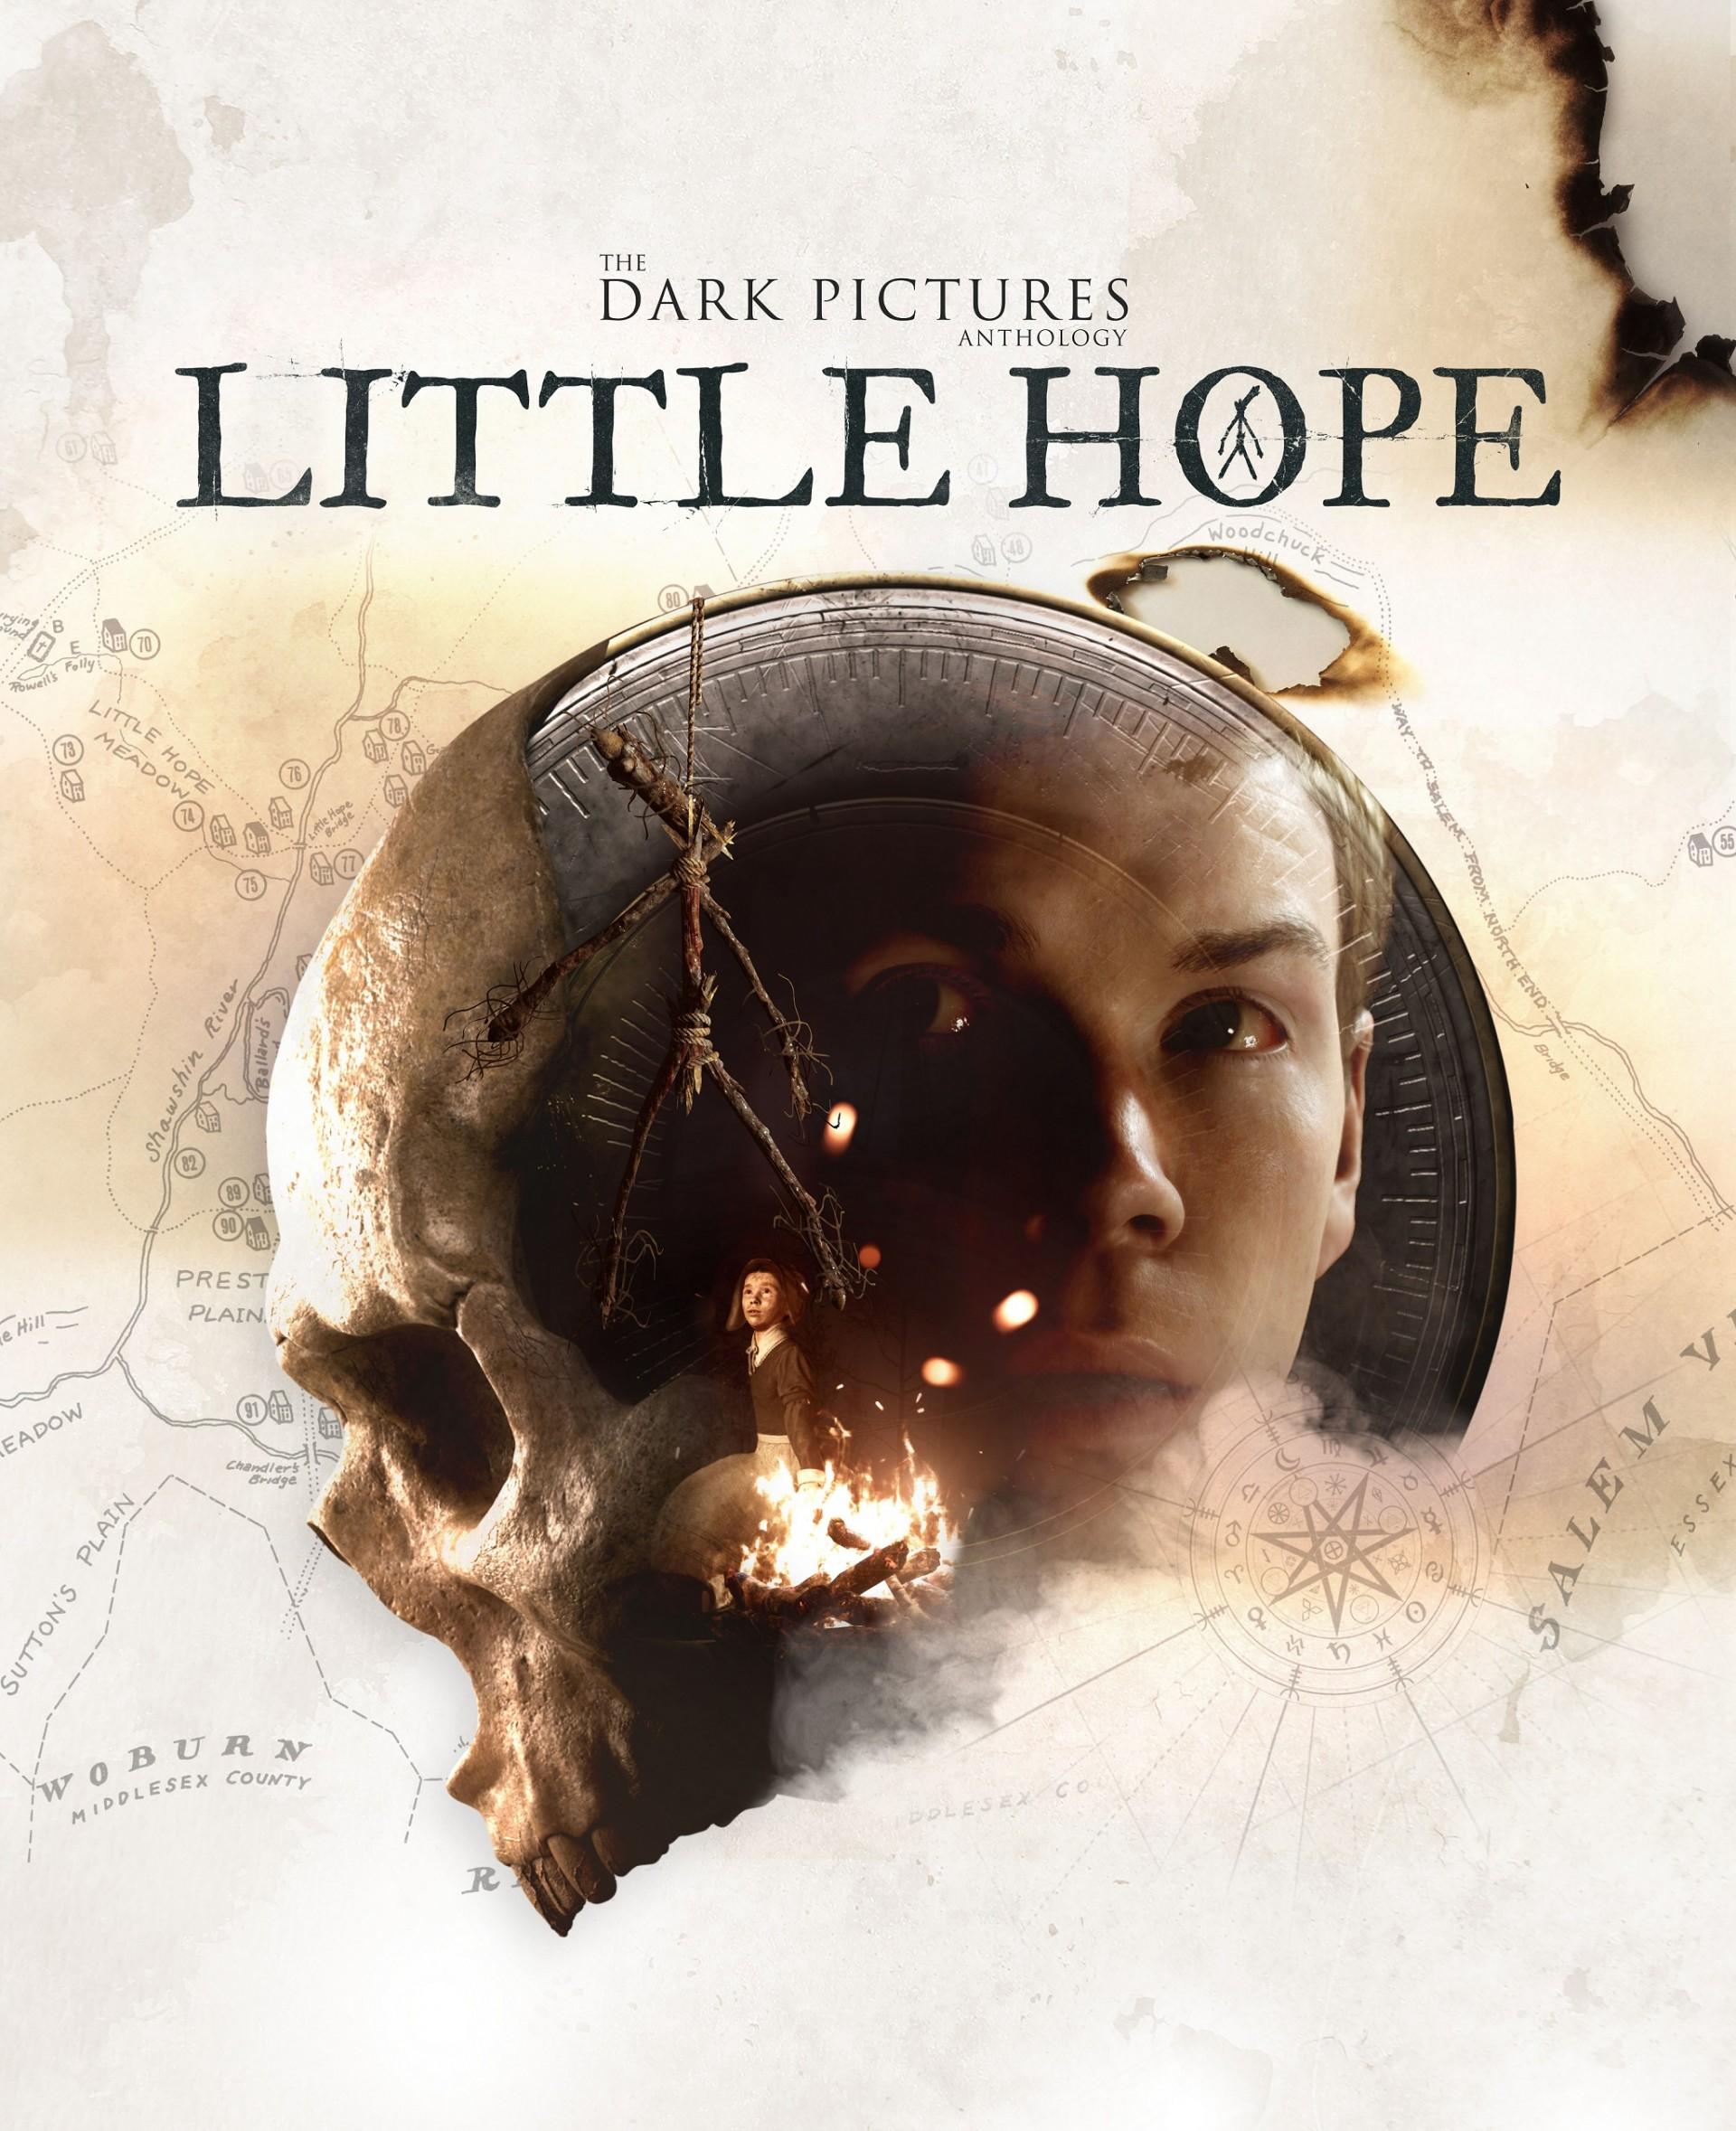 Ведьмы Литтл-Хоуп: трейлер The Dark Pictures.